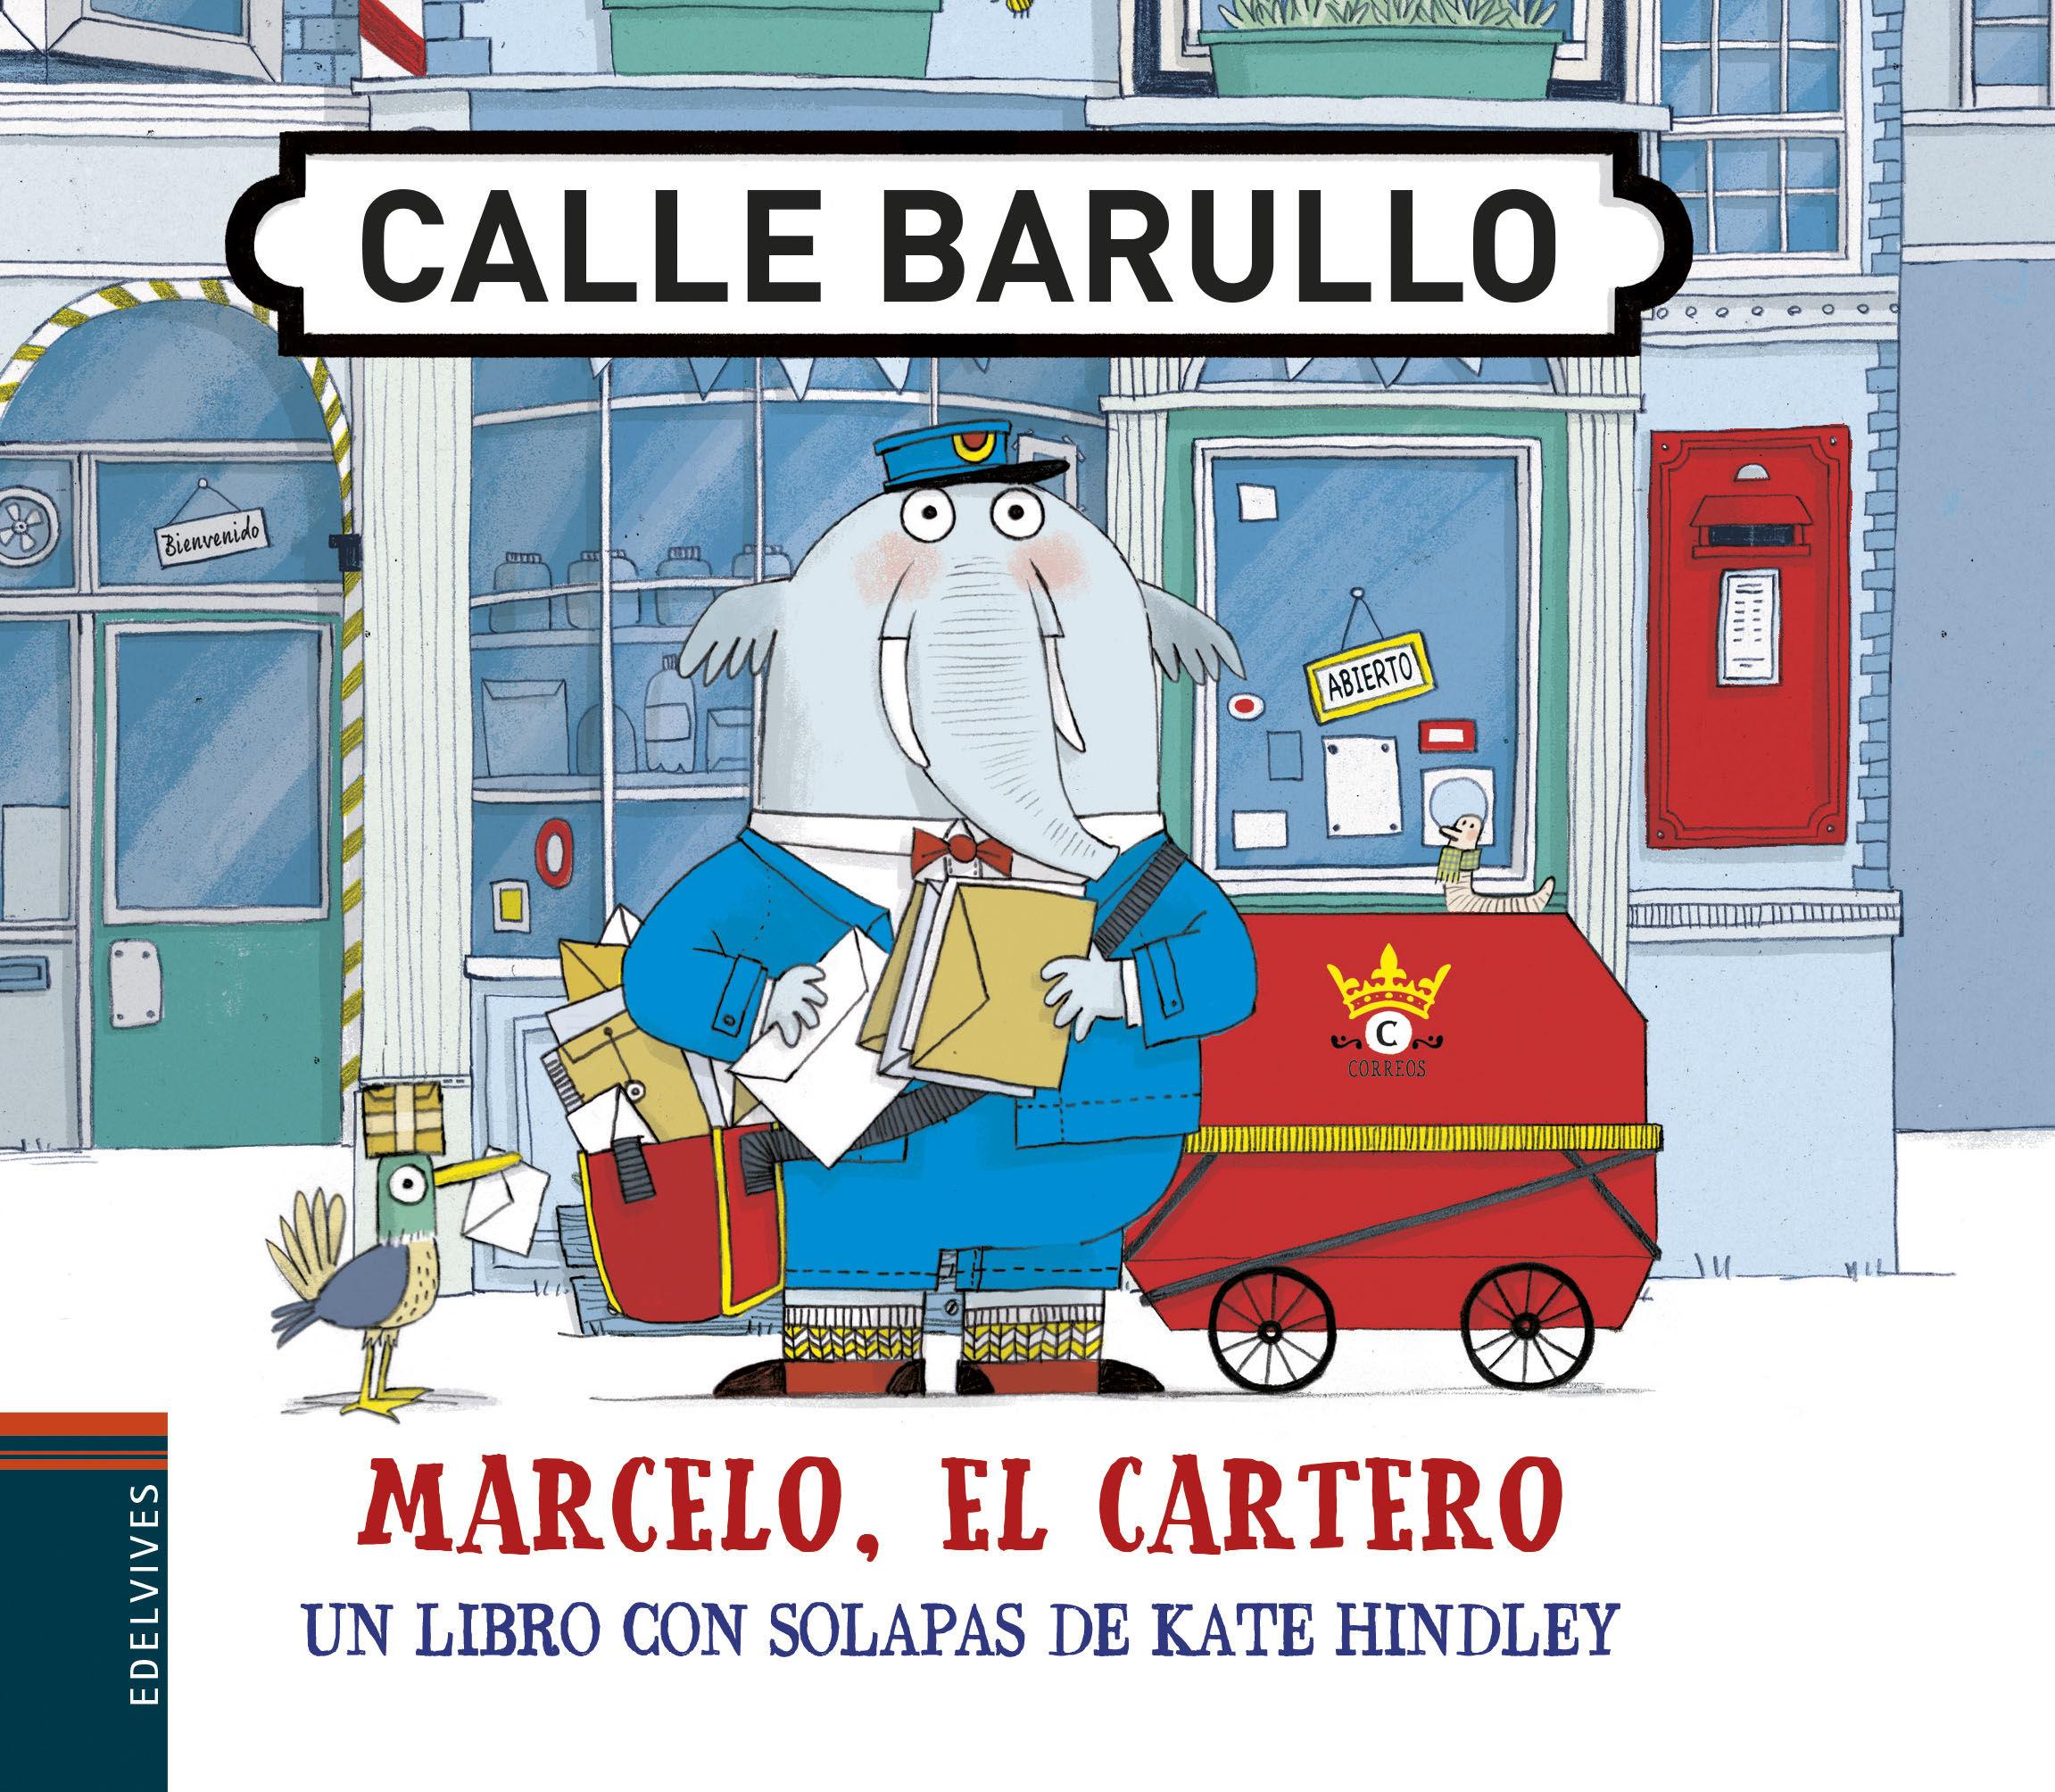 MARCELO EL CARTERO